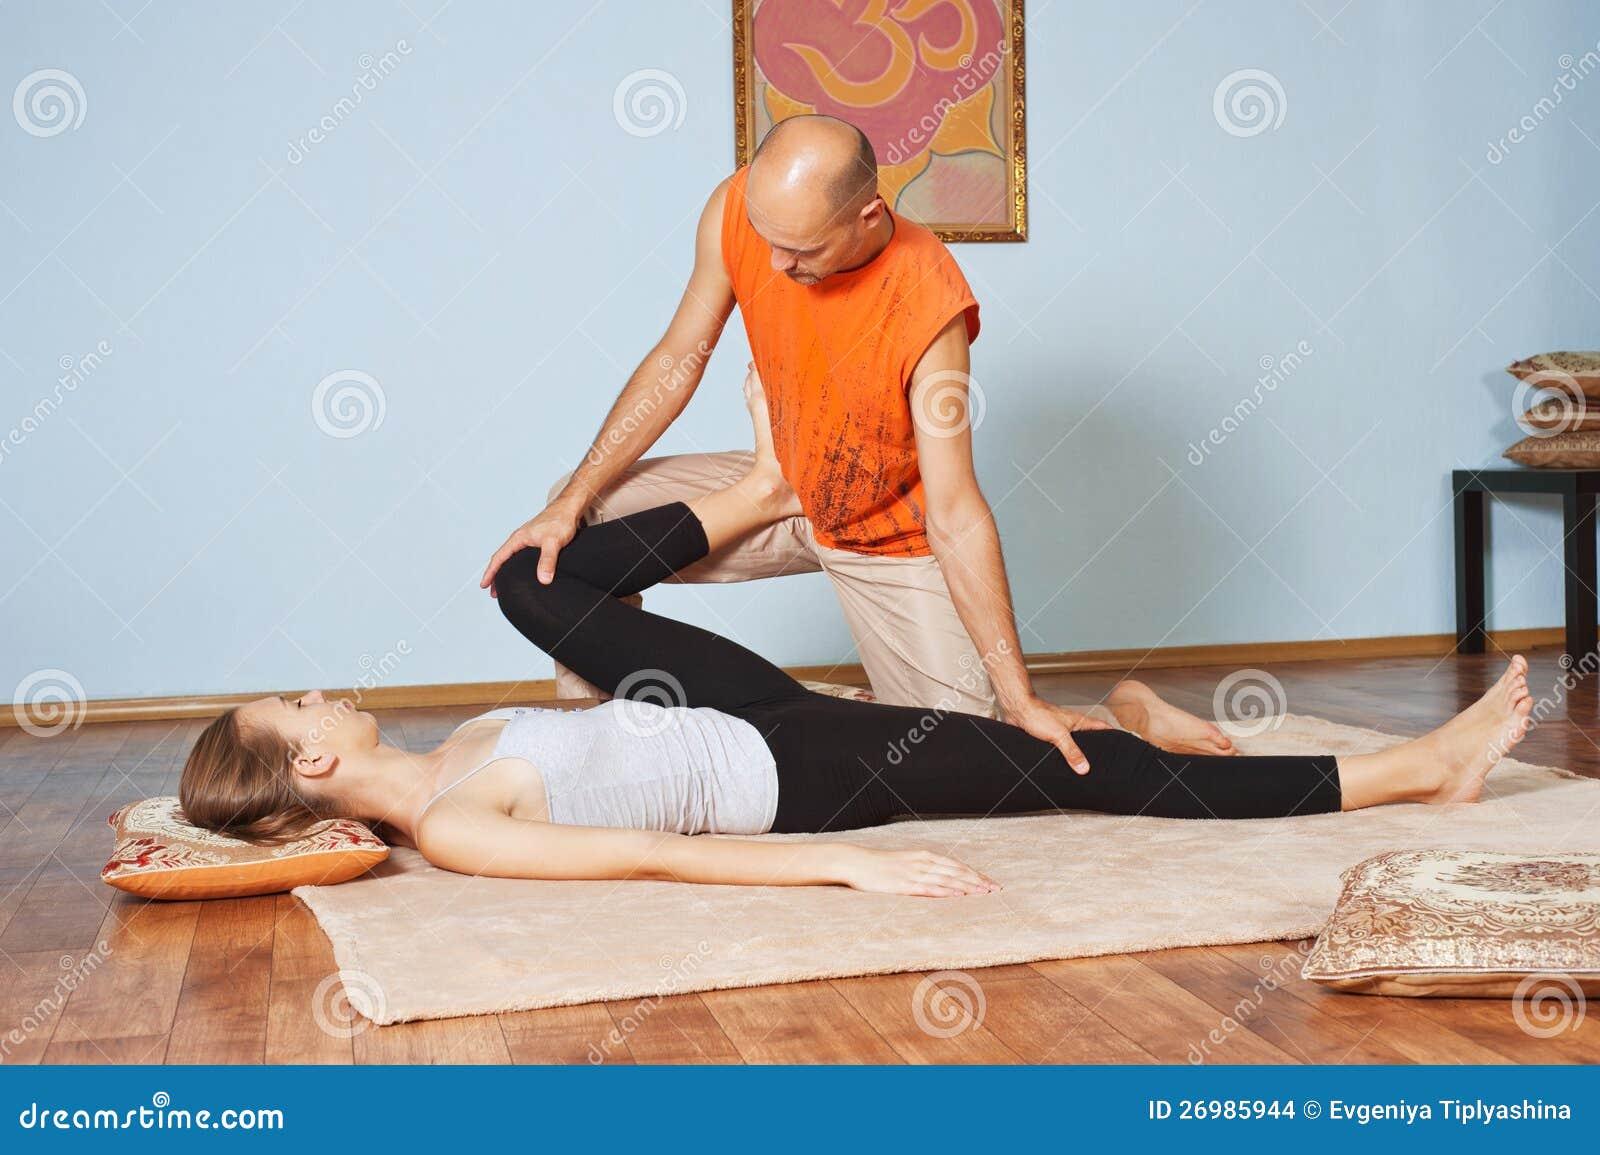 slagelse massage Thaimassage timer